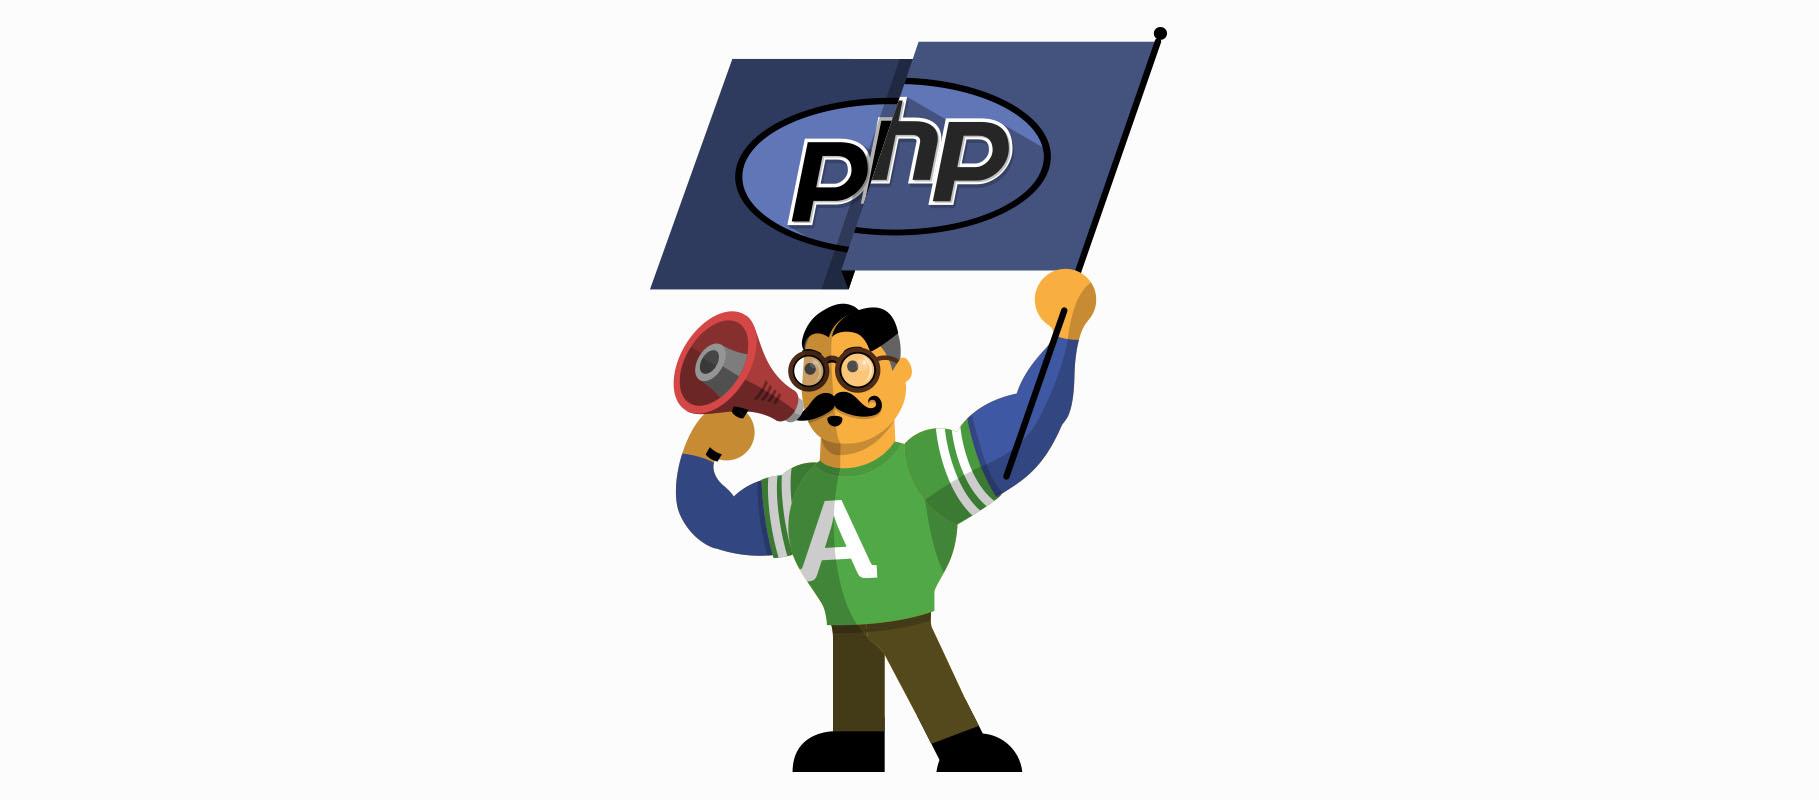 PHPBrake